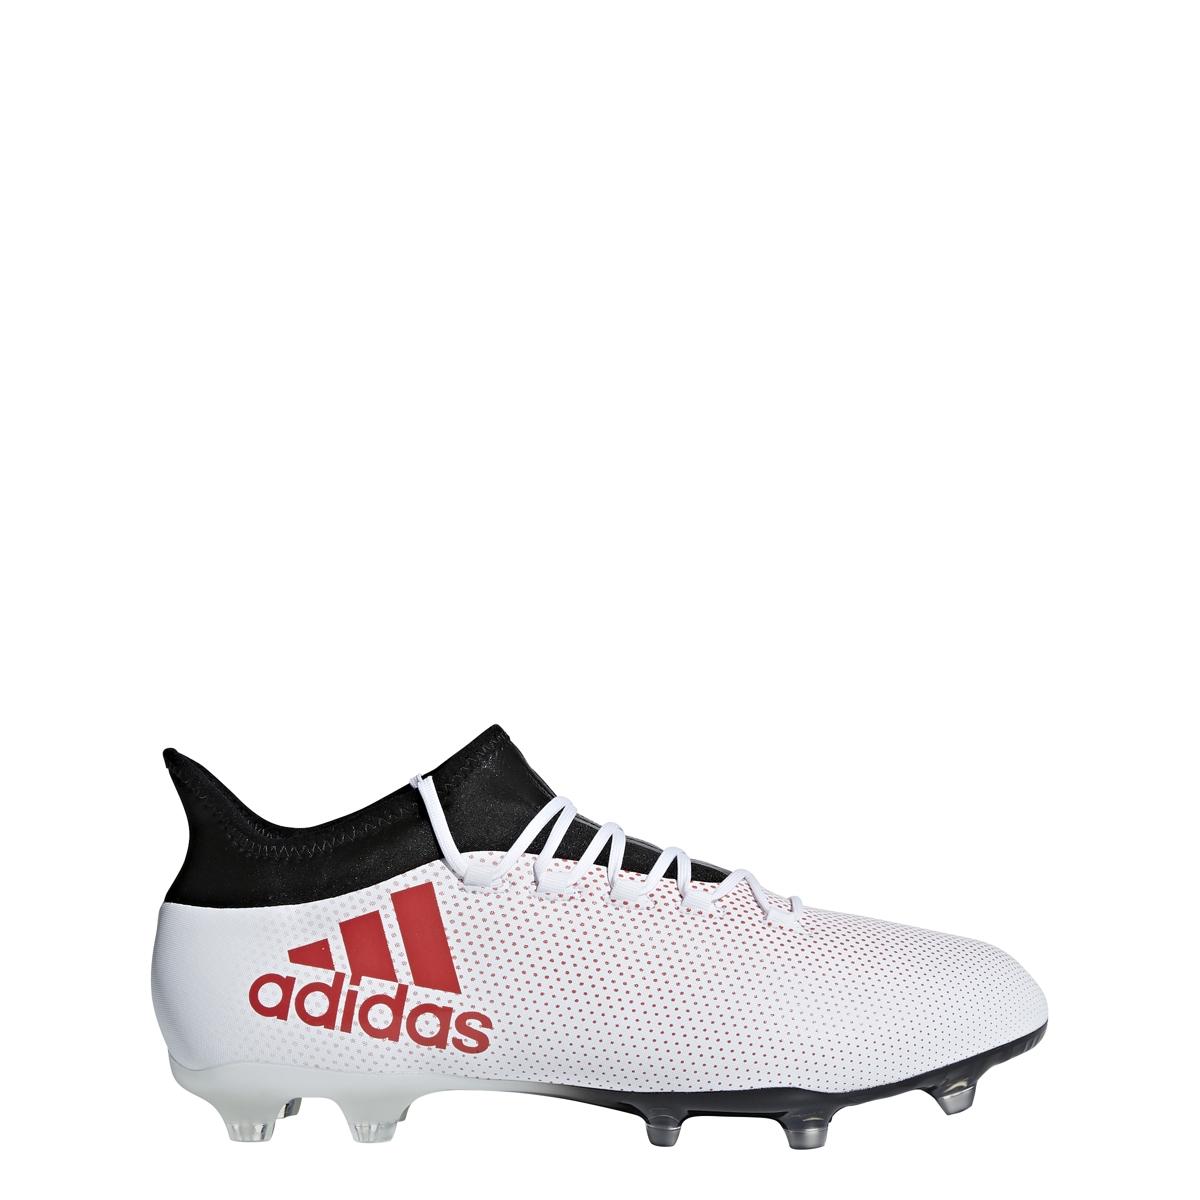 newest 43f6a 61708 Adidas X 17.2 FG